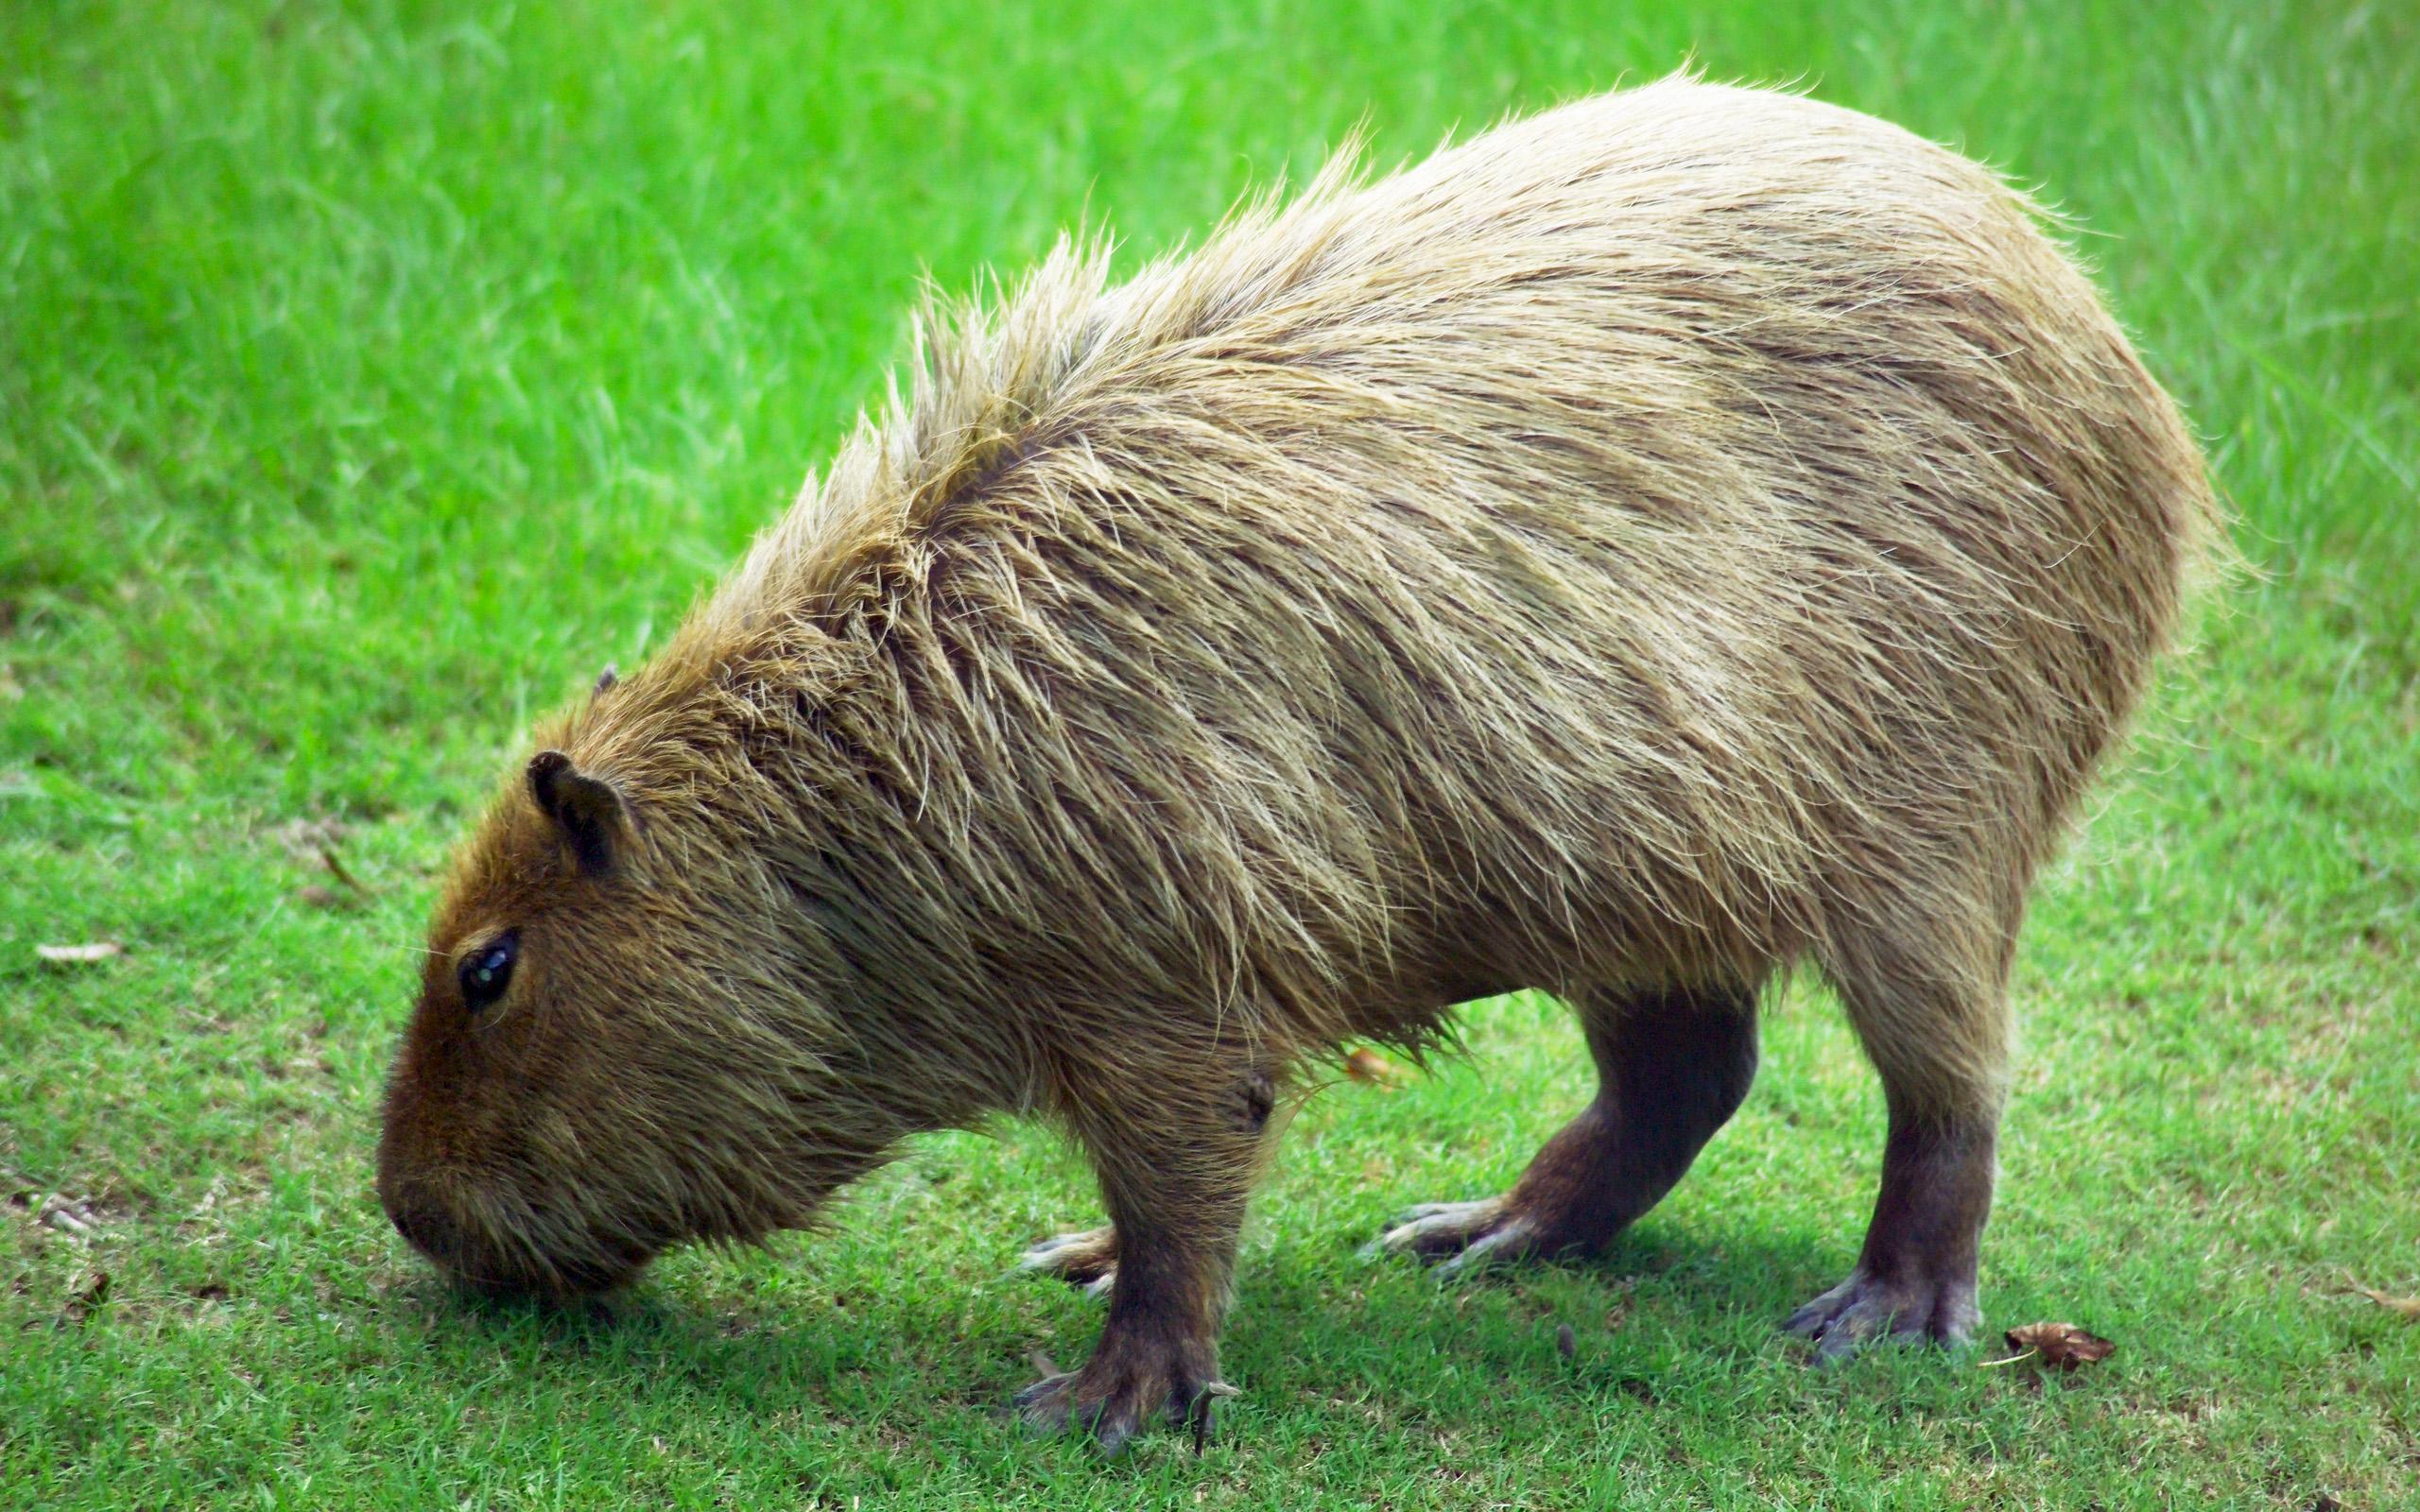 Capybara | Naked Man in the Tree